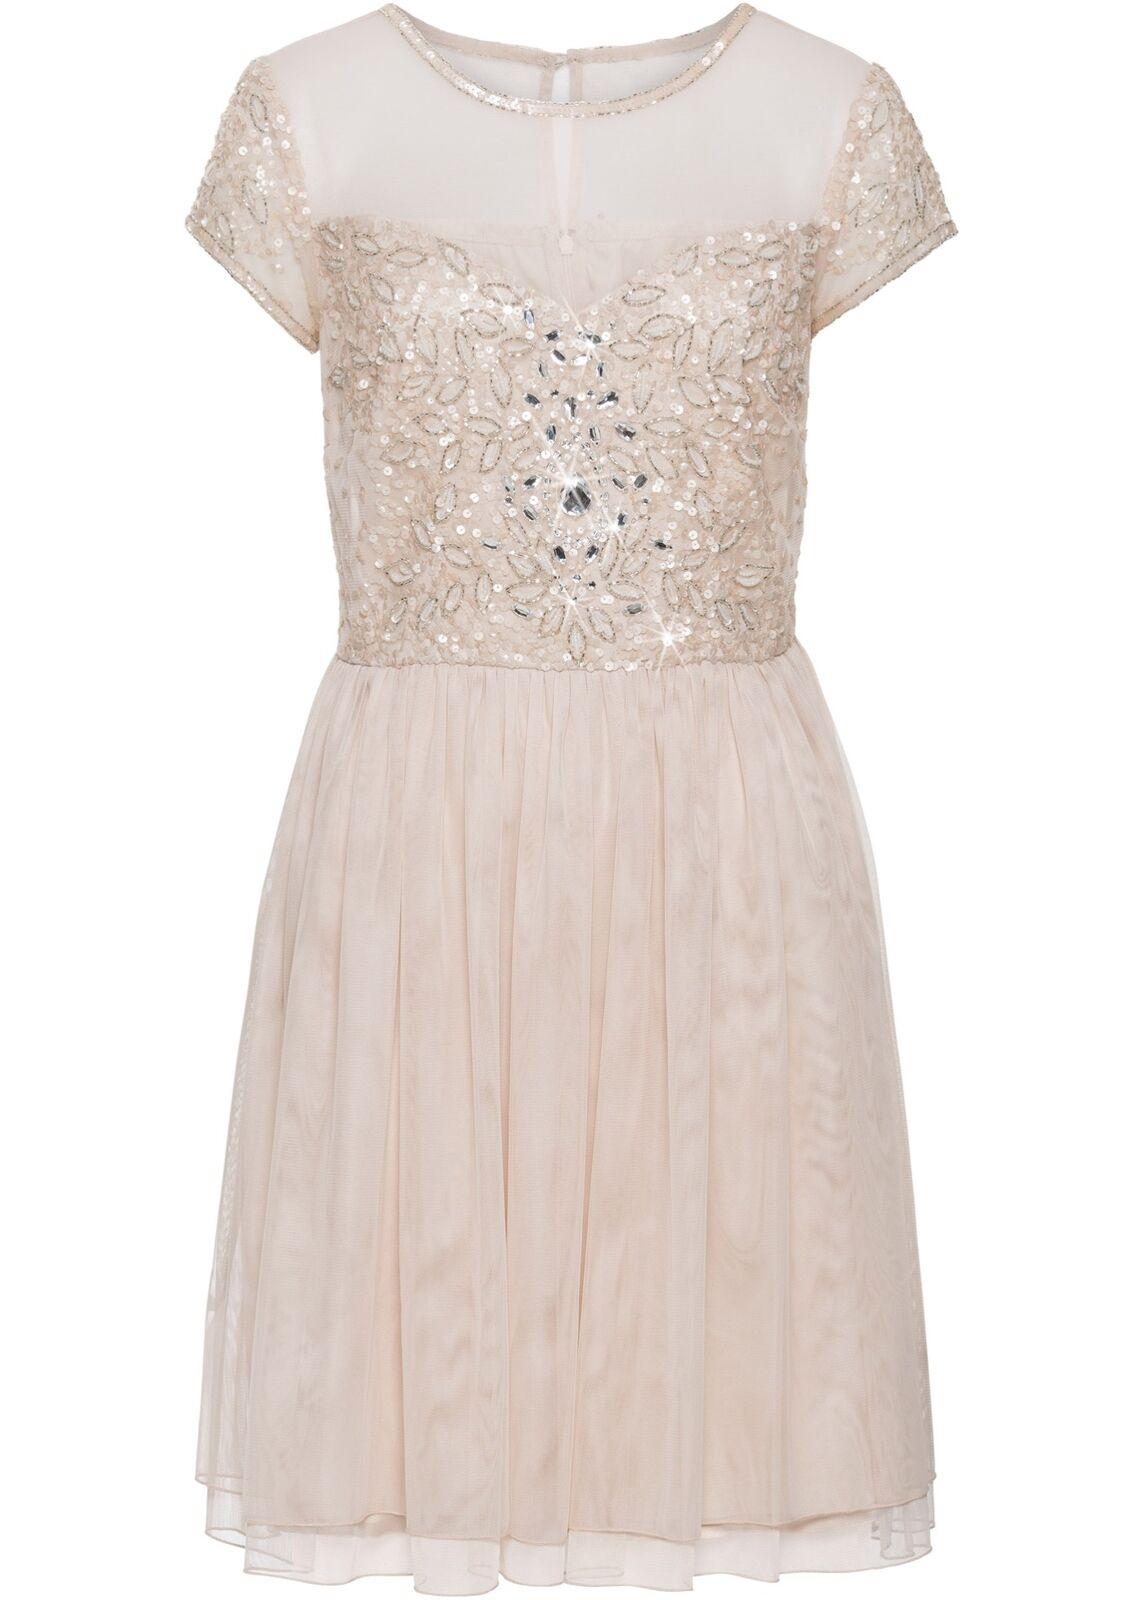 Kleid mit Besteickten Applikationen Gr. 38 Beige Damen Partykleid Abendkleid Neu